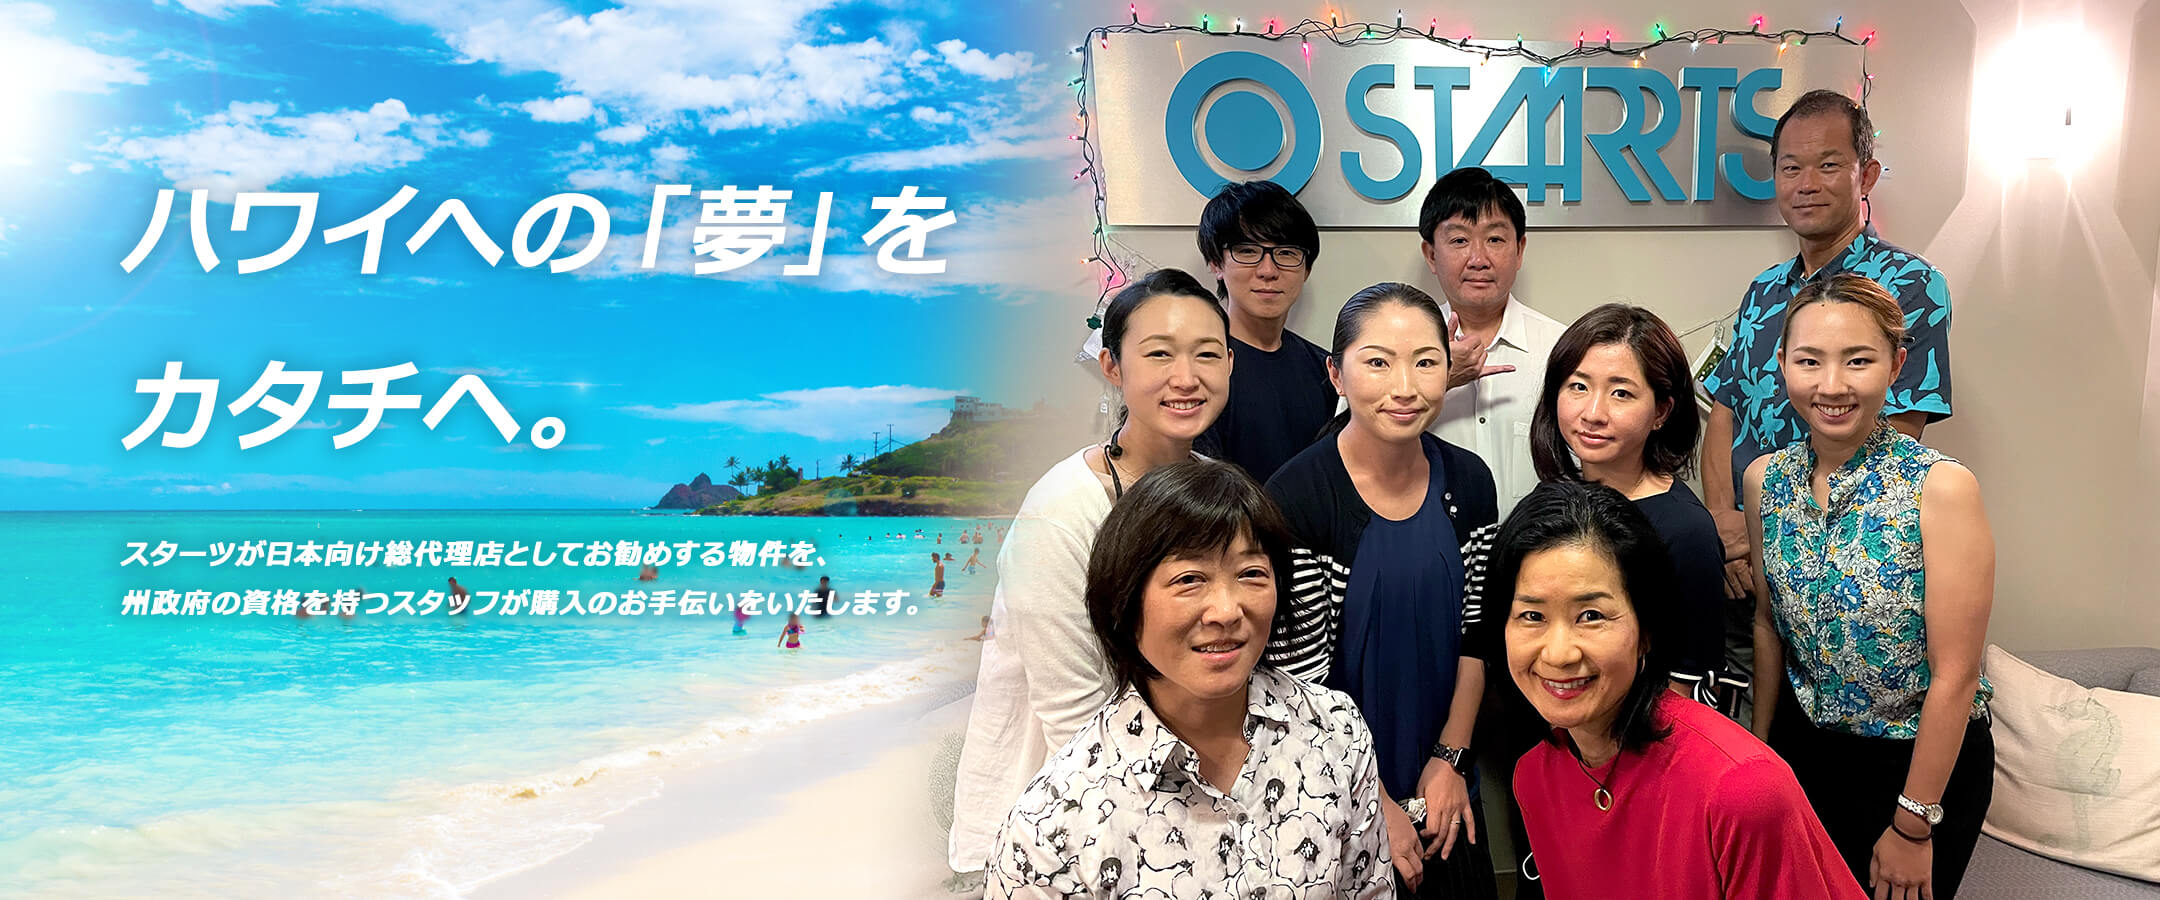 ハワイへ「夢」をカタチへ。スターツが日本向け総代理店としてお勧めする物件を、州政府の資格を持つスタッフが購入のお手伝いをいたします。